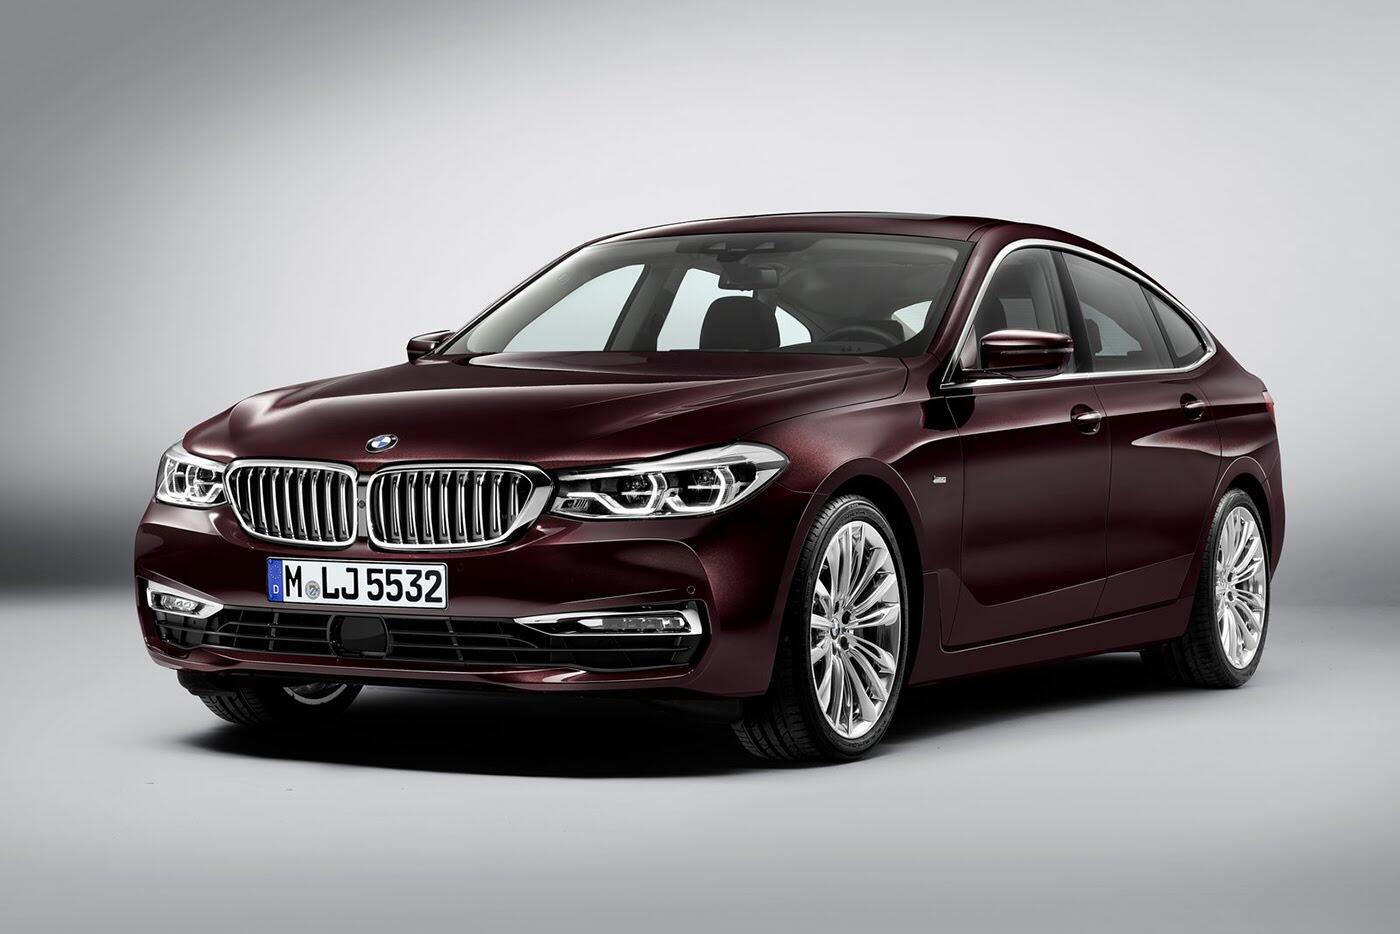 Xem thêm ảnh BMW 6-Series Gran Turismo 2018 - Hình 19